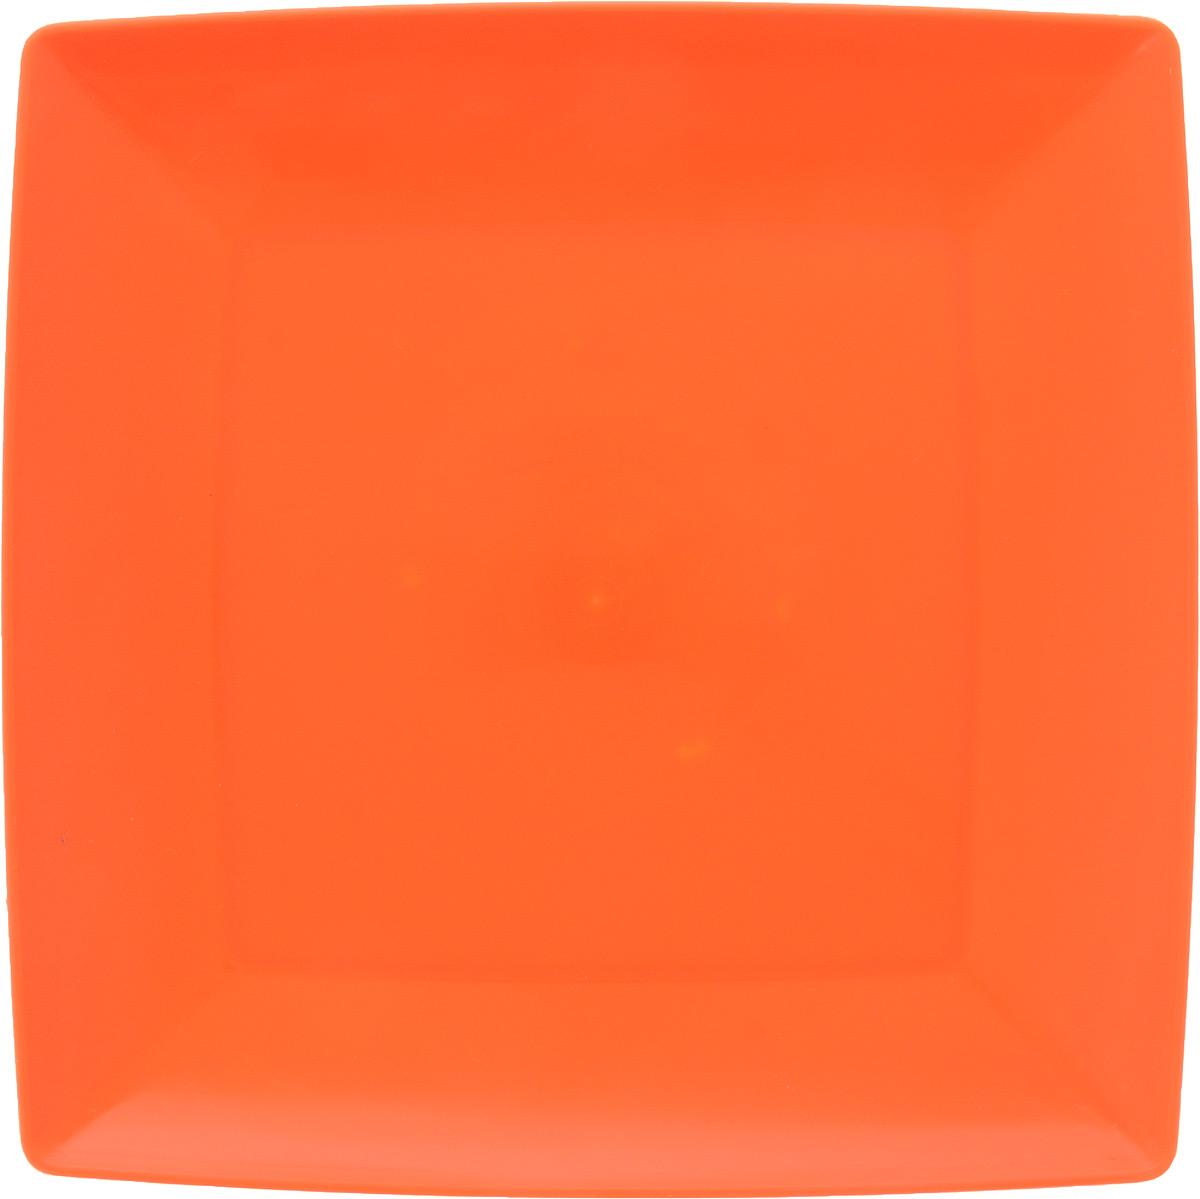 Тарелка Gotoff, цвет: оранжевый, 23,5 х 23,5 см230655Квадратная тарелка Gotoff выполнена из прочного пищевого полипропилена. Изделие отлично подойдет как для холодных, так и для горячих блюд. Его удобно использовать дома или на даче, брать с собой на пикники и в поездки. Отличный вариант для детских праздников. Такая тарелка не разобьется и будет служить вам долгое время.Можно использовать в СВЧ, ставить в морозилку при температуре -25°С и мыть в посудомоечной машине при температуре +95°С.